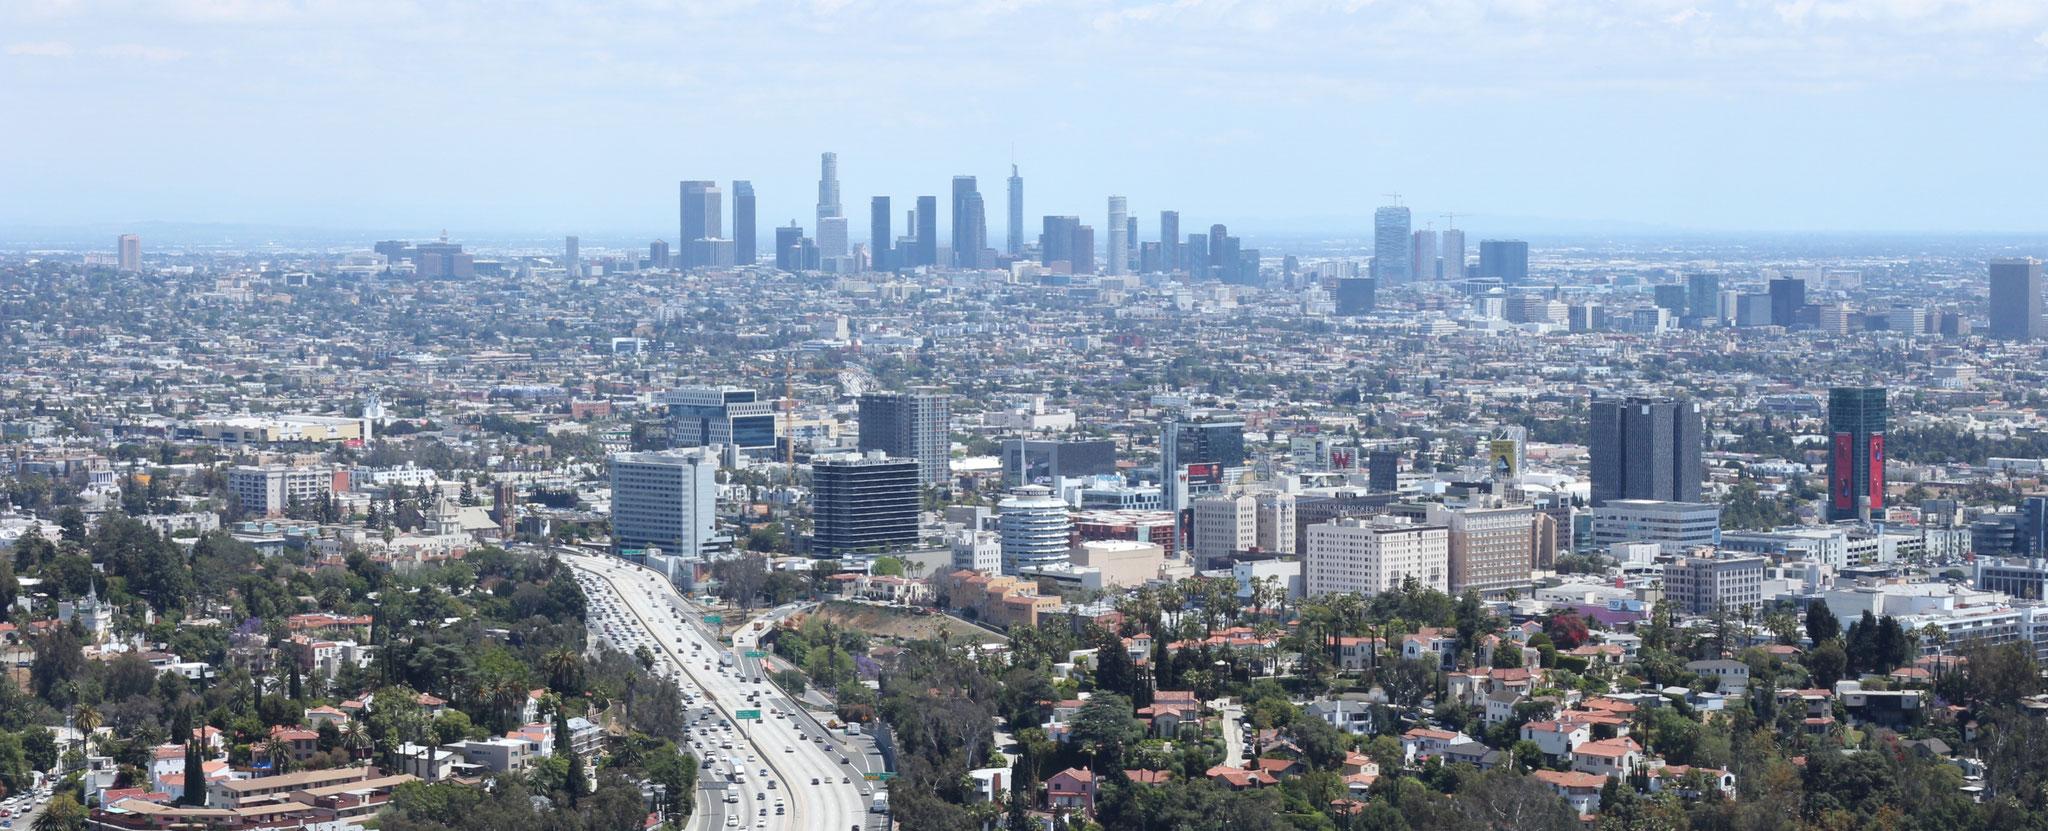 California Dreaming - LA